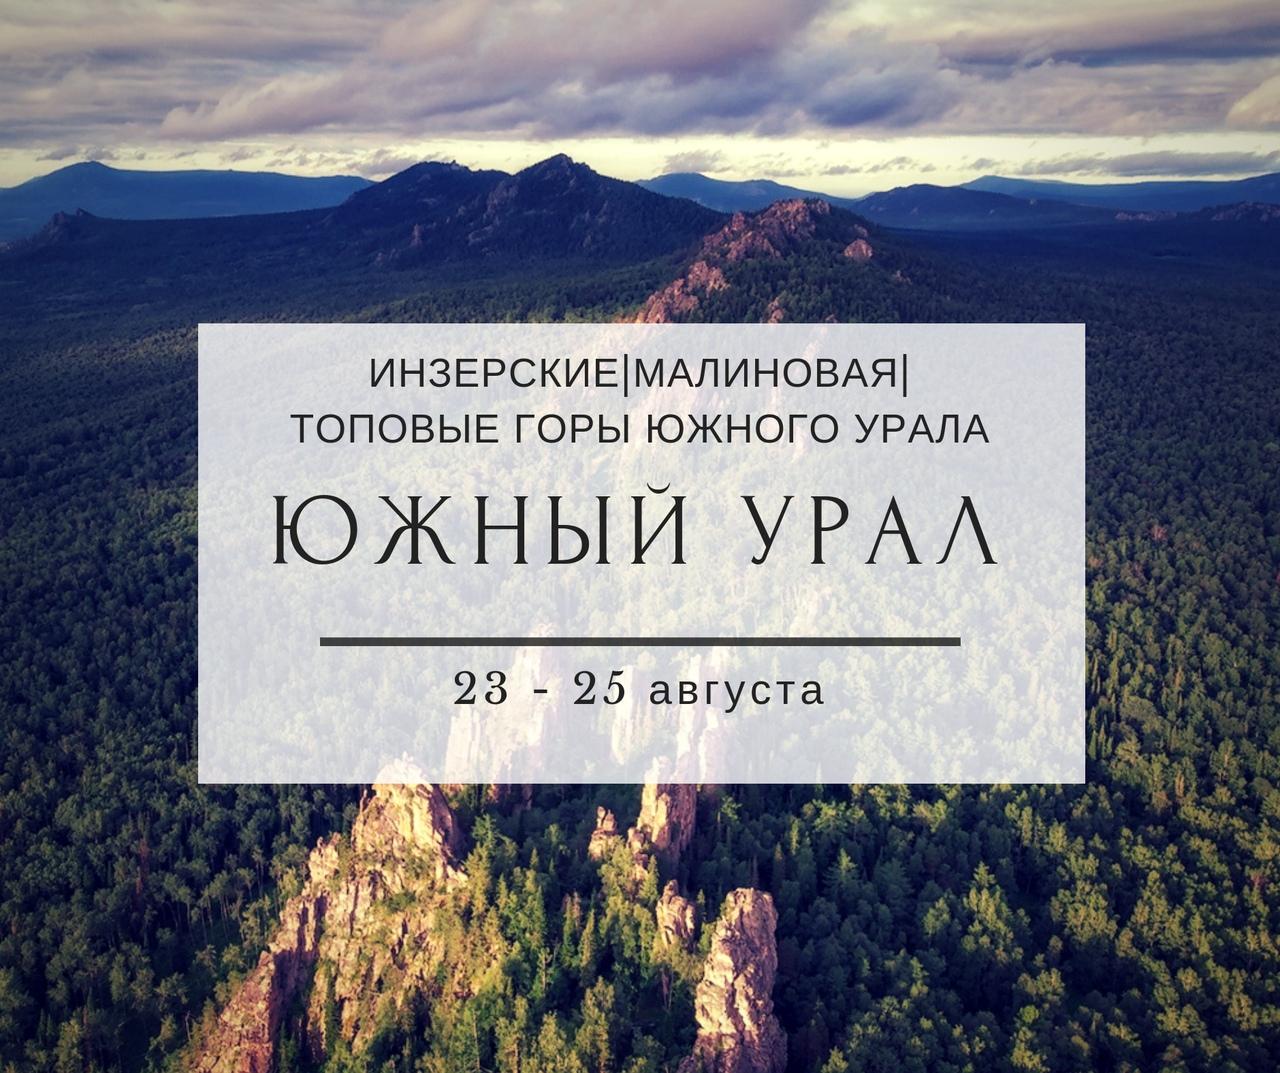 Афиша Тюмень ИНЗЕРСКИЕ ЗУБЧАТКИ + МАЛИНОВАЯ / 23-25 августа